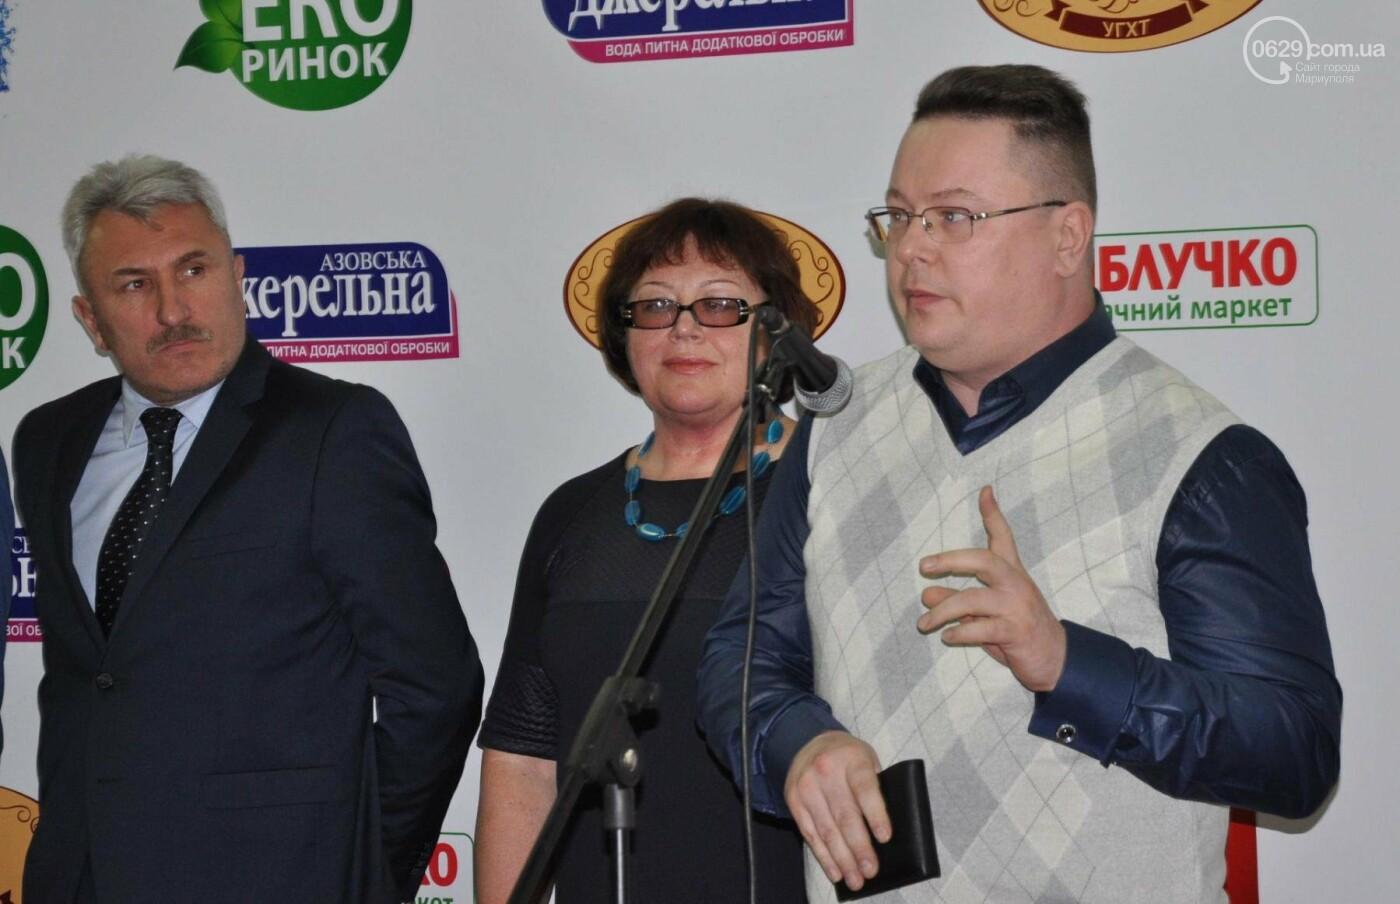 Юрий Тернавский: «Мариупольцам - мариупольскую продукцию», фото-9